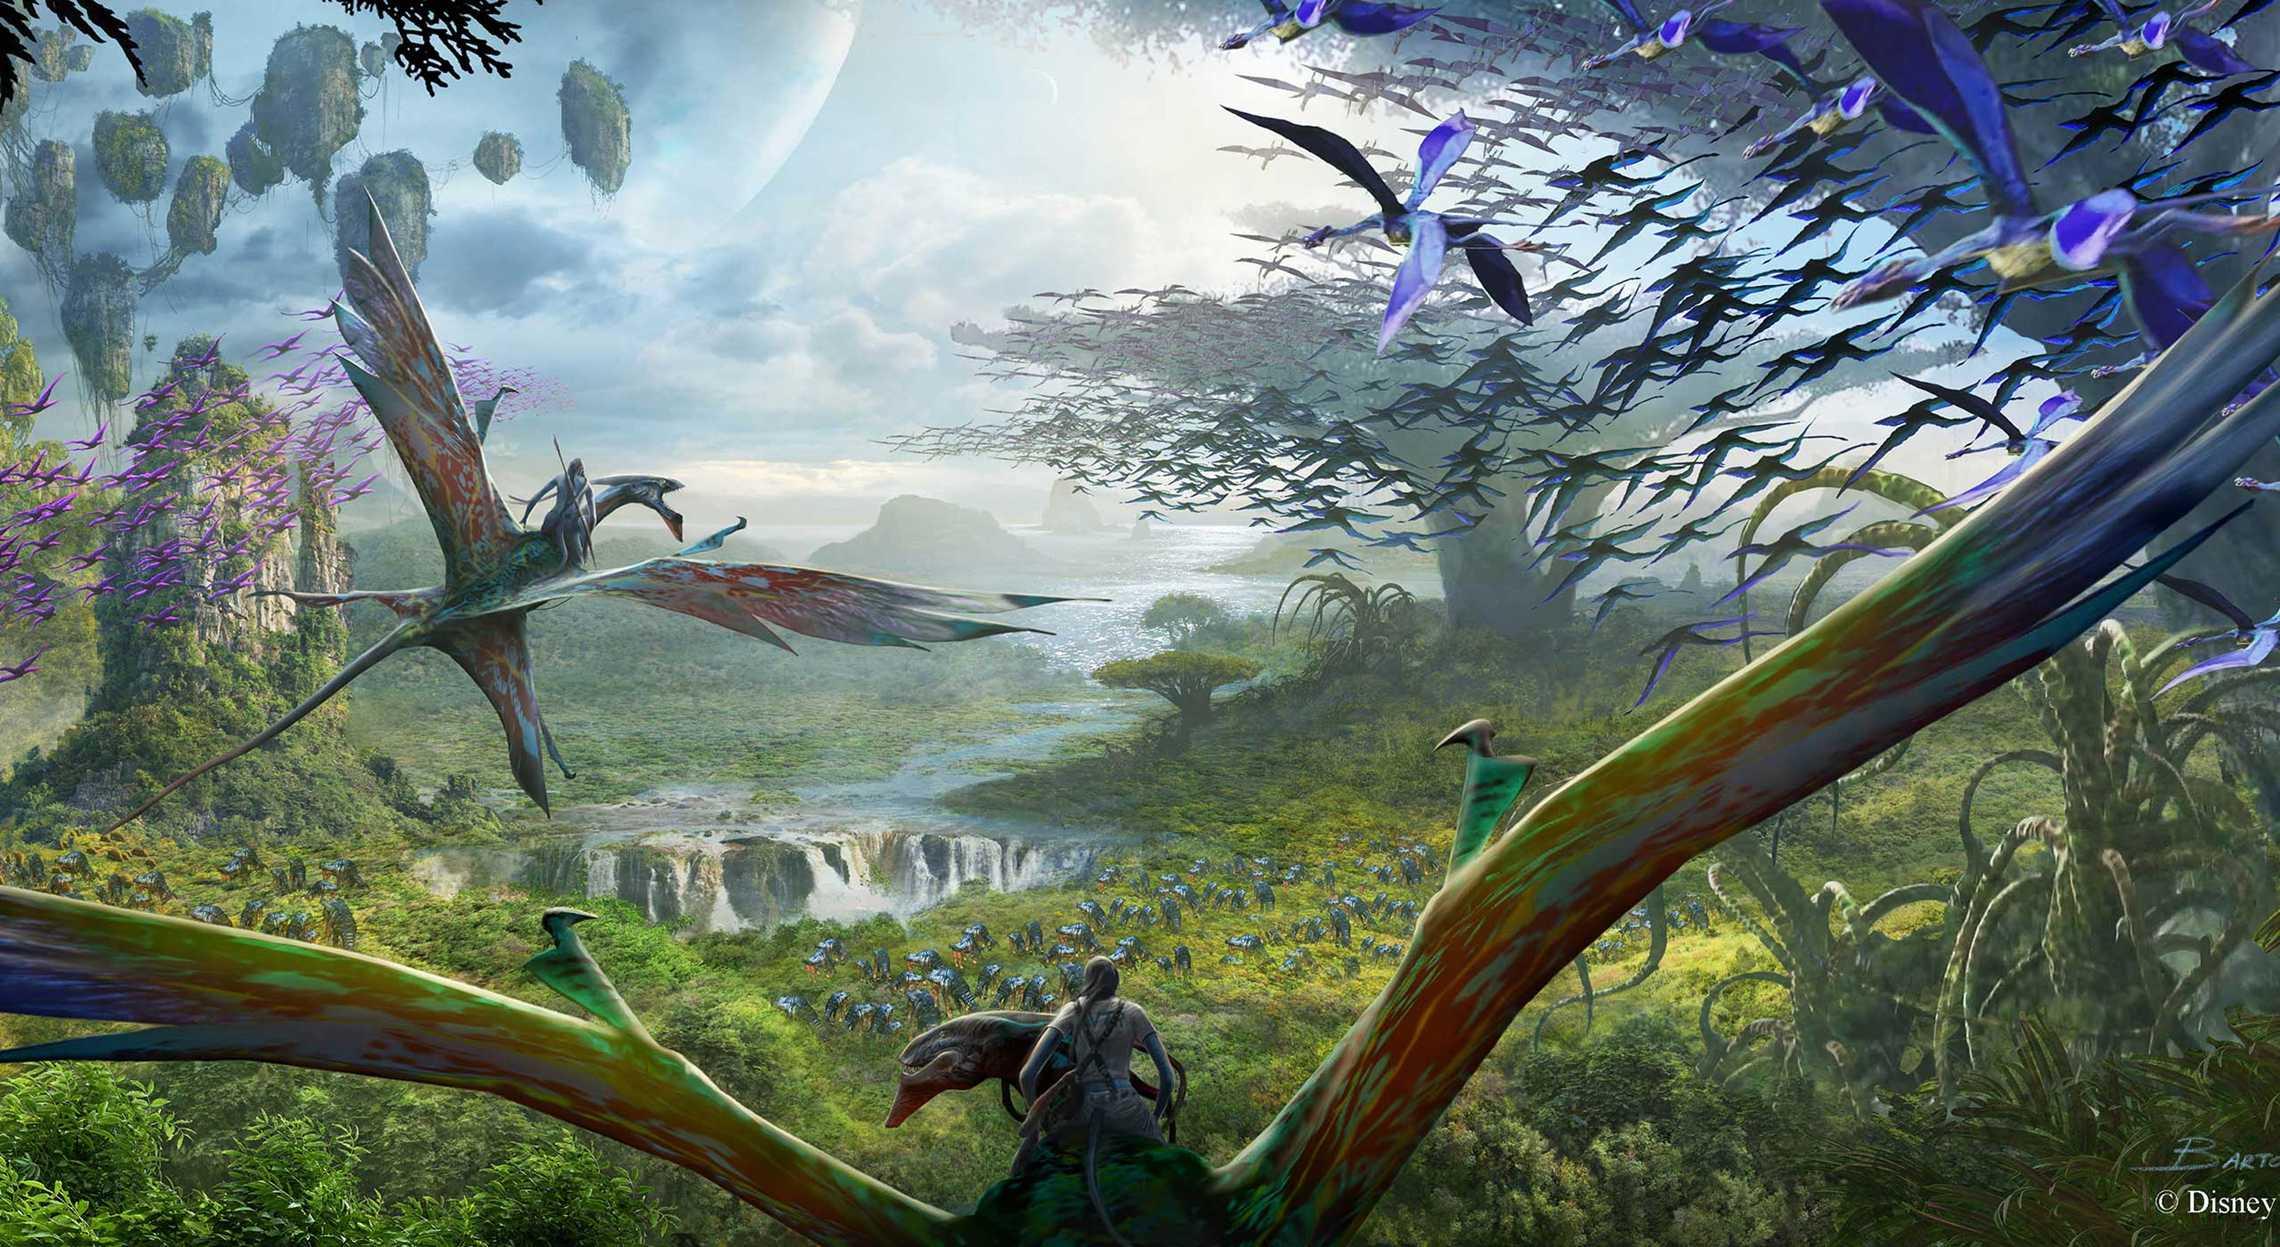 Essa arte conceitual mostra como será a atmosfera dessa nova área, que vai expandir e muito o Animal Kingdom